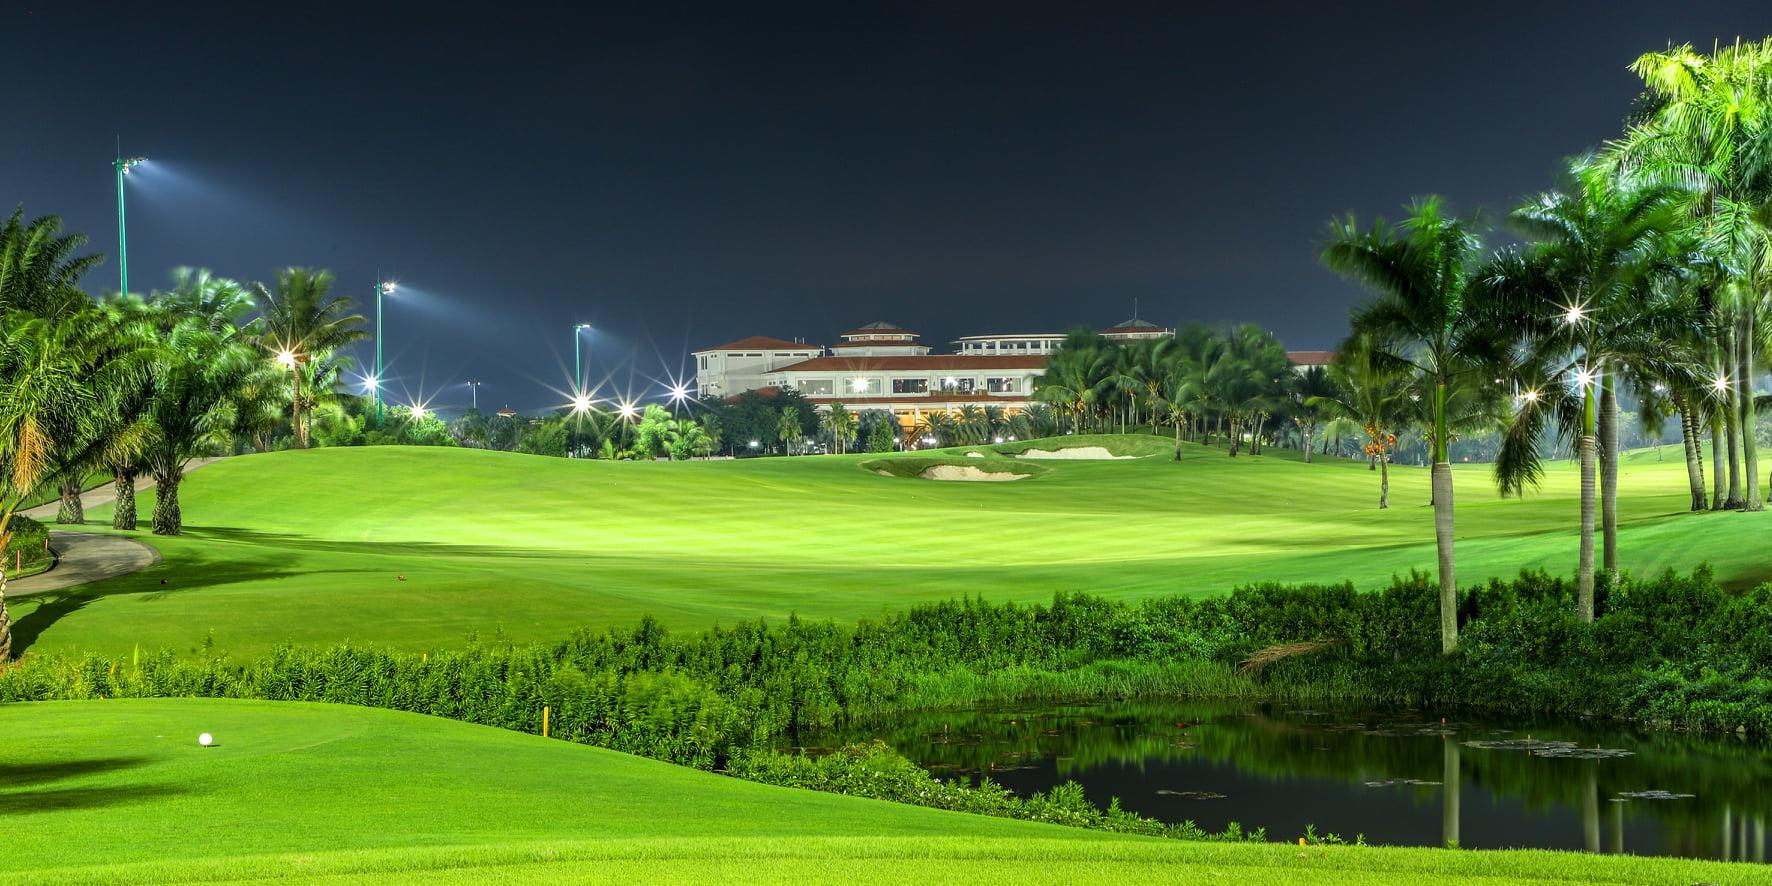 Tee off sân golf Tân Sơn Nhất - 8:30 - 14:29 - Cuối tuần